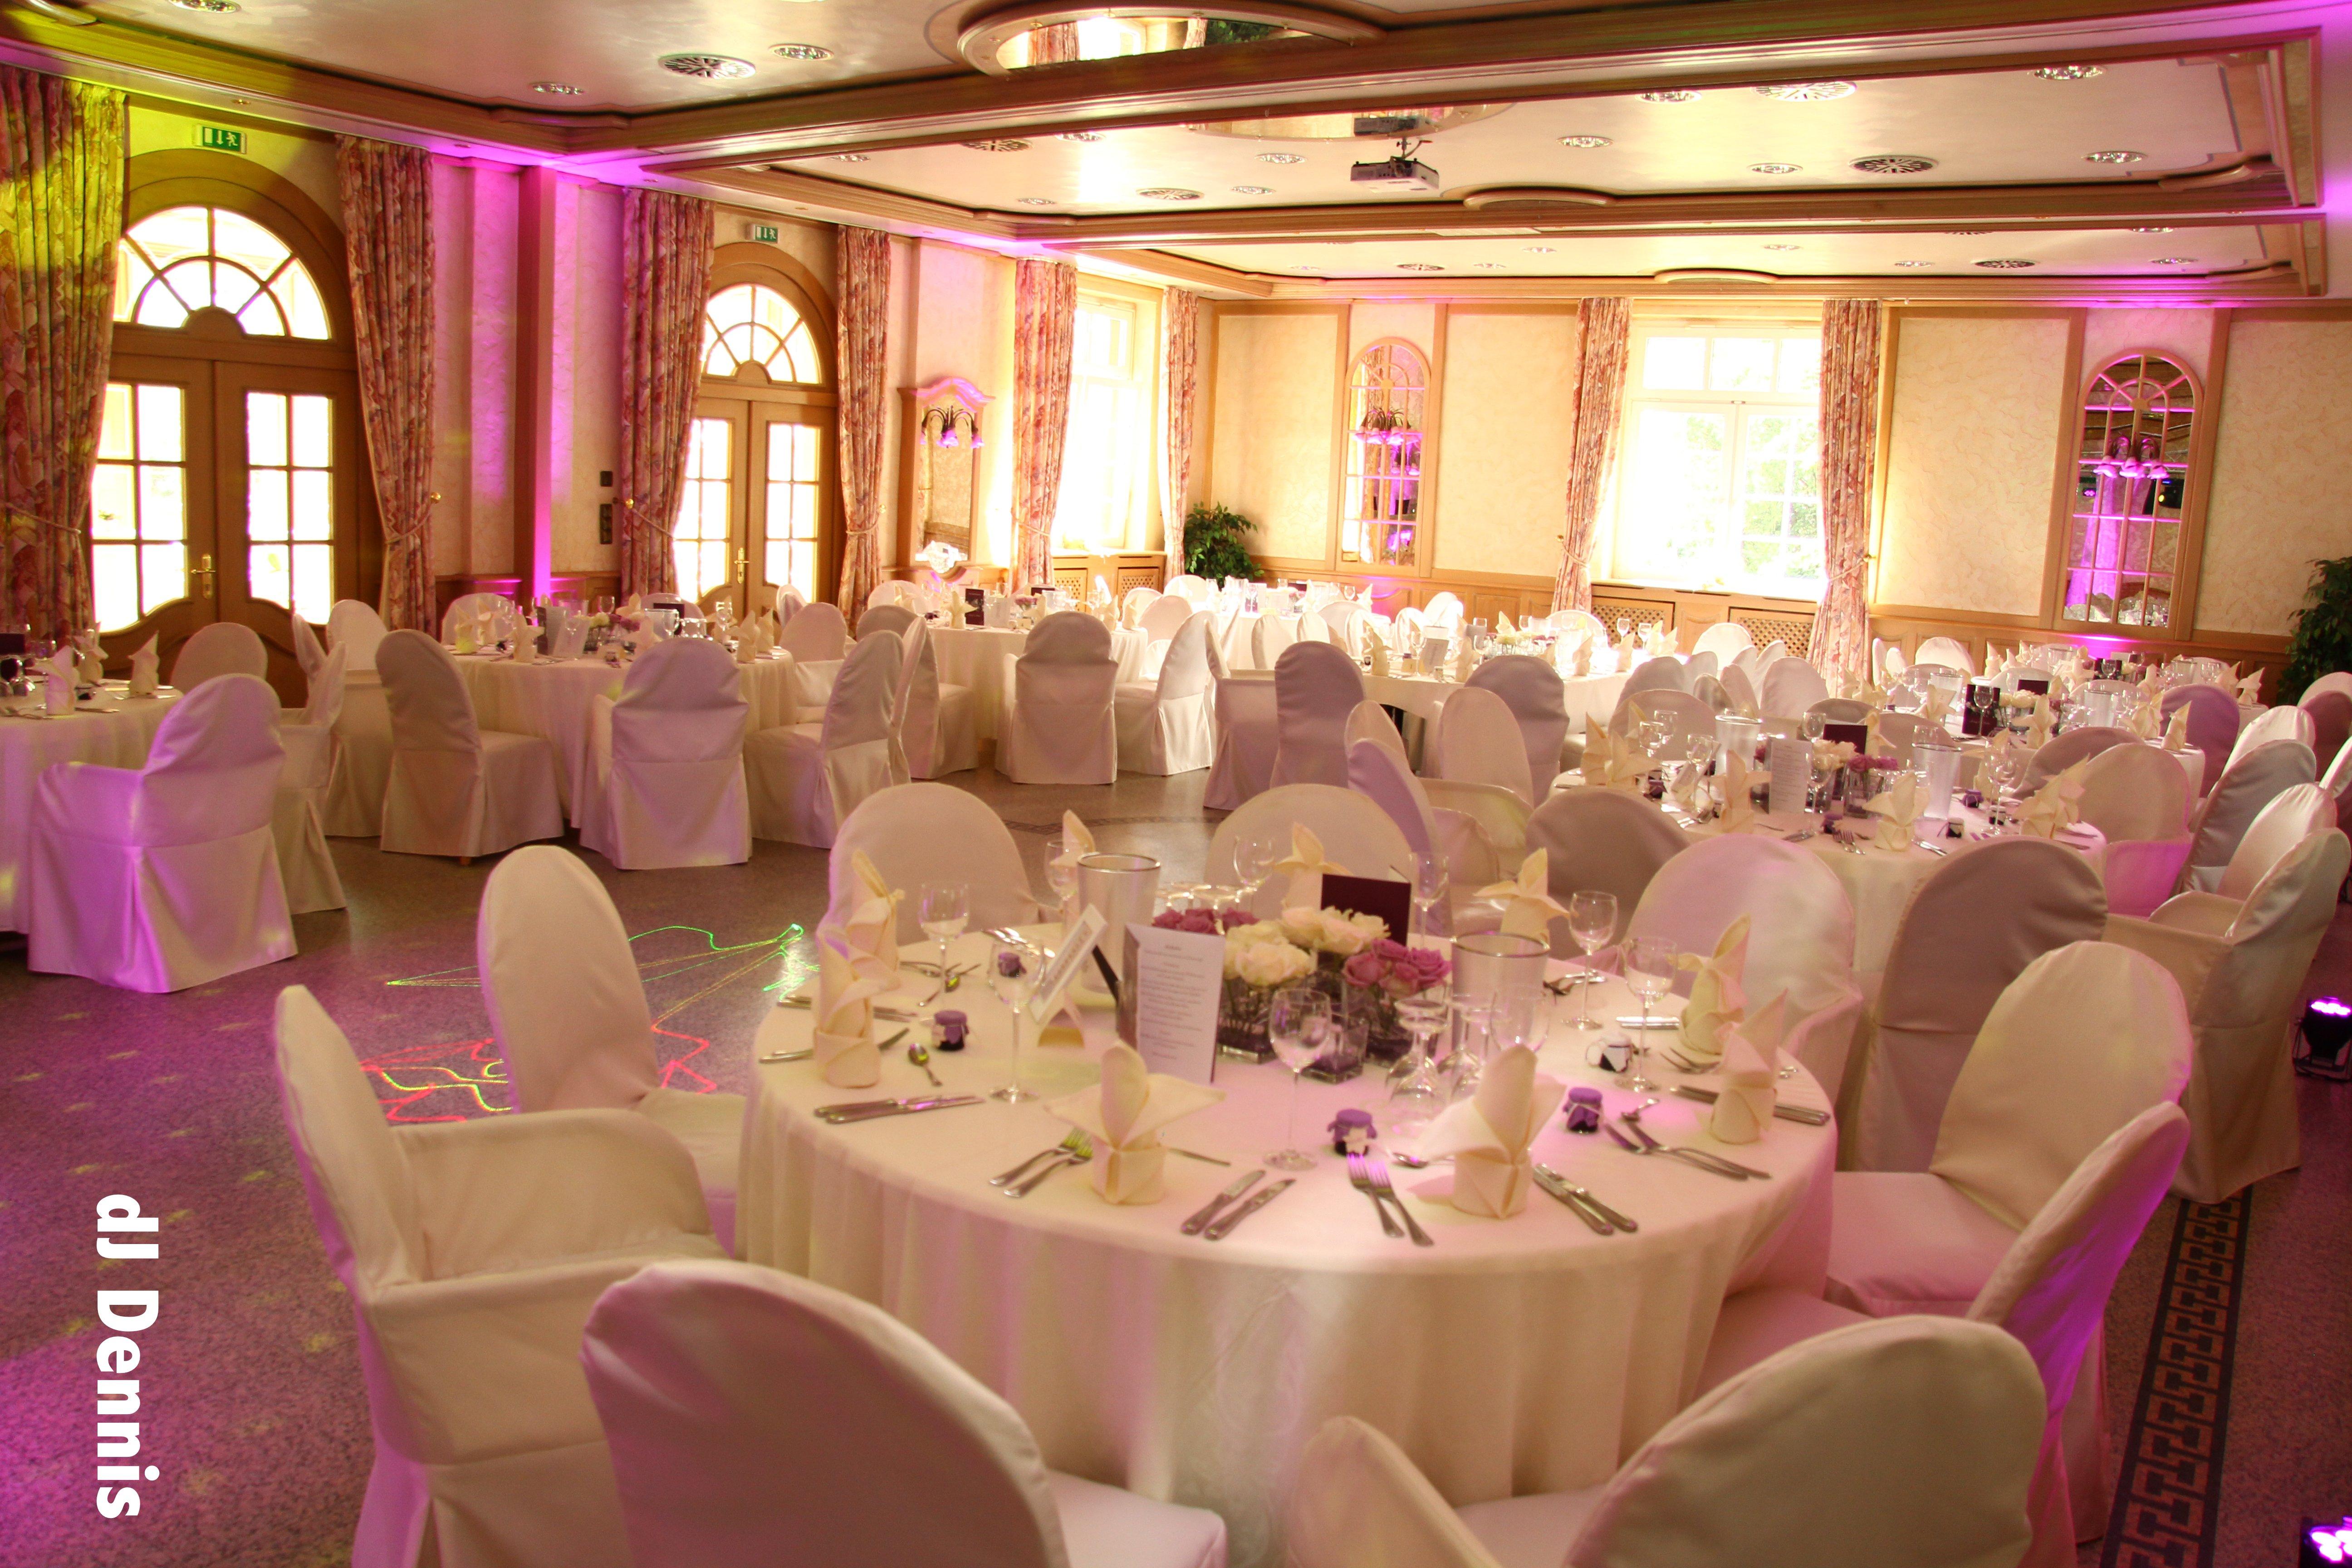 Hochzeit landhotel nrw